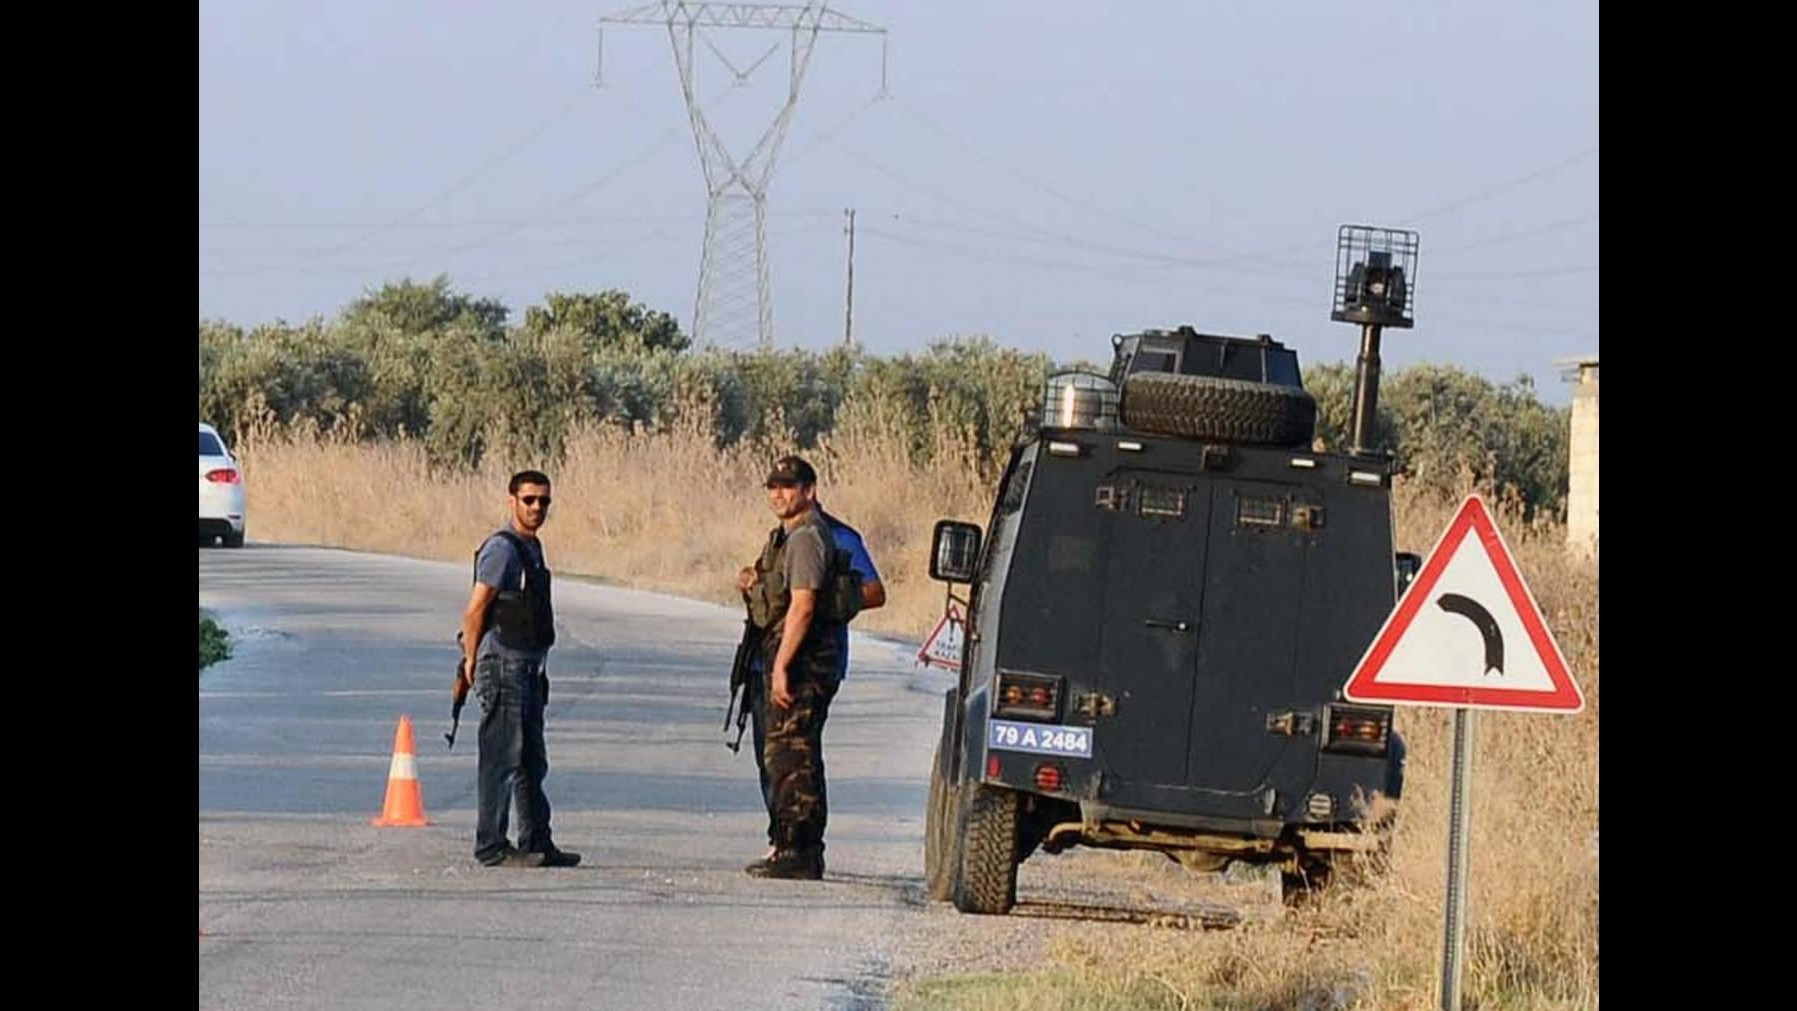 Turchia, scontri tra esercito e curdi: morti 11 membri Pkk e un soldato